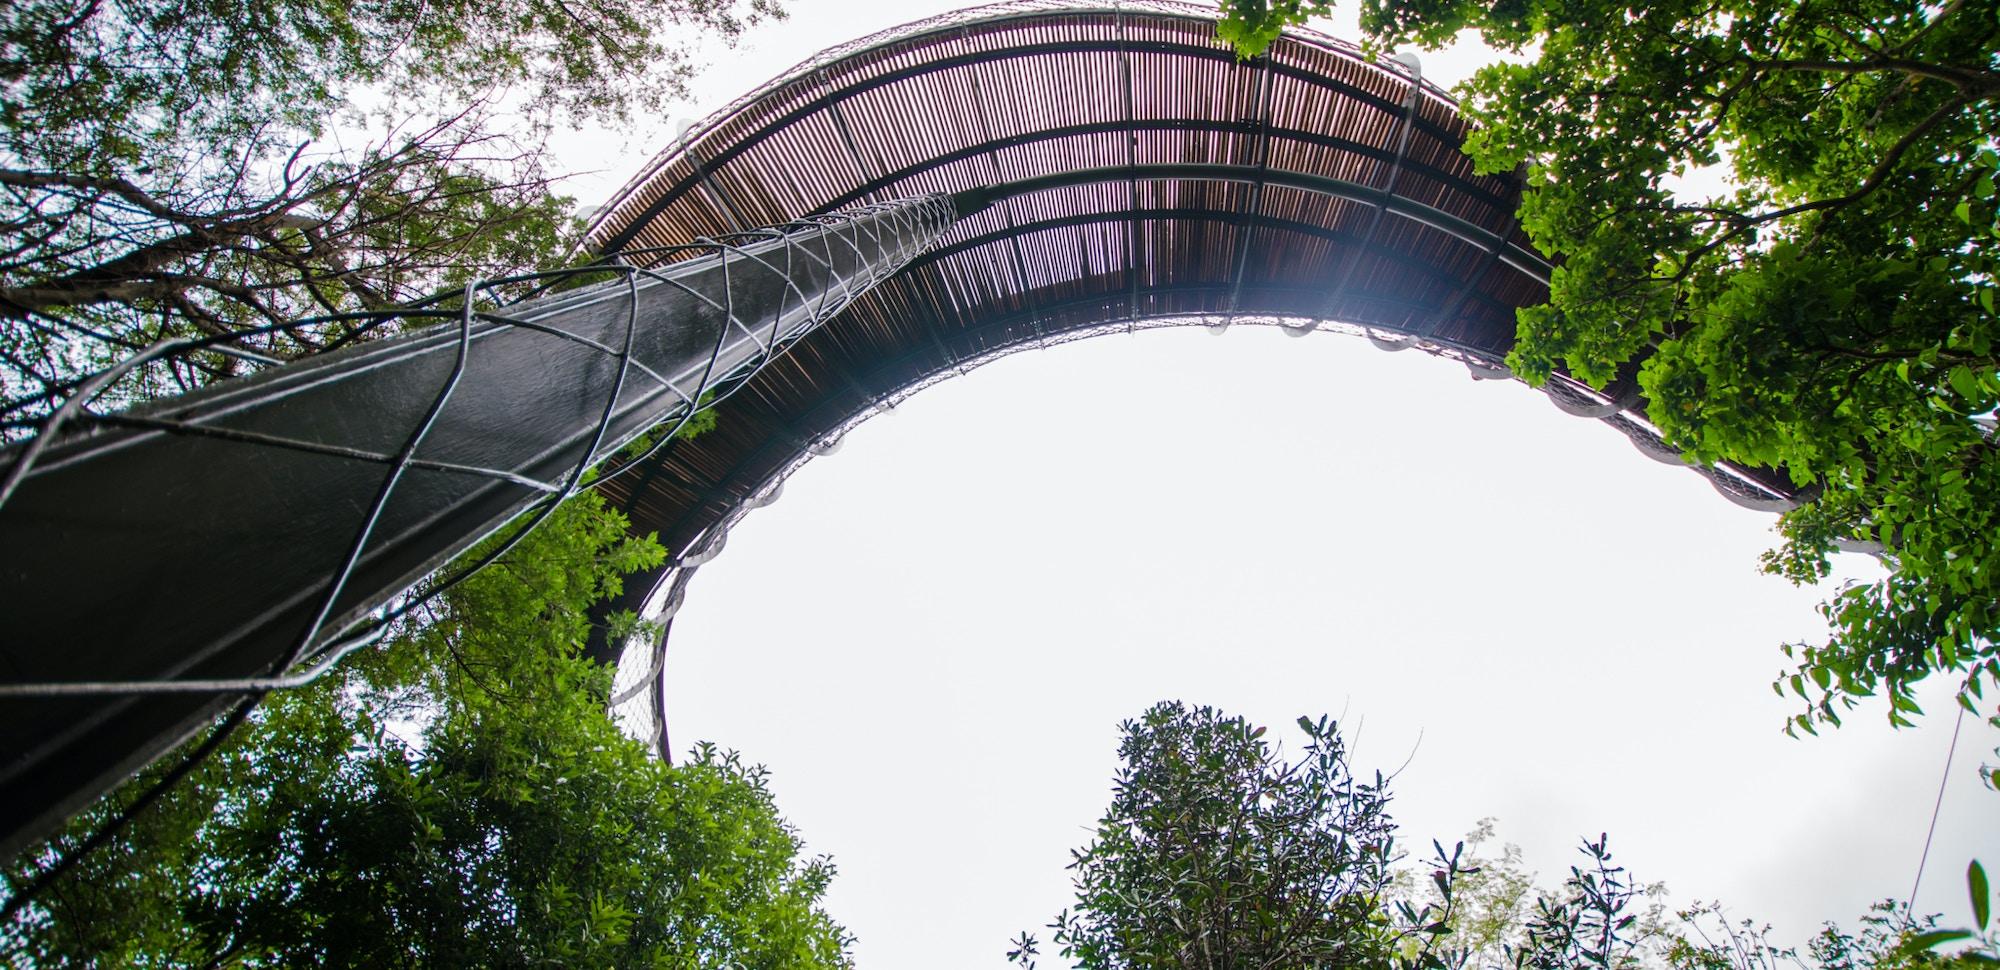 Top Attractions Kirstenbosch CTT Kirstenbosch Gardens c Lisa Burnell 35 1